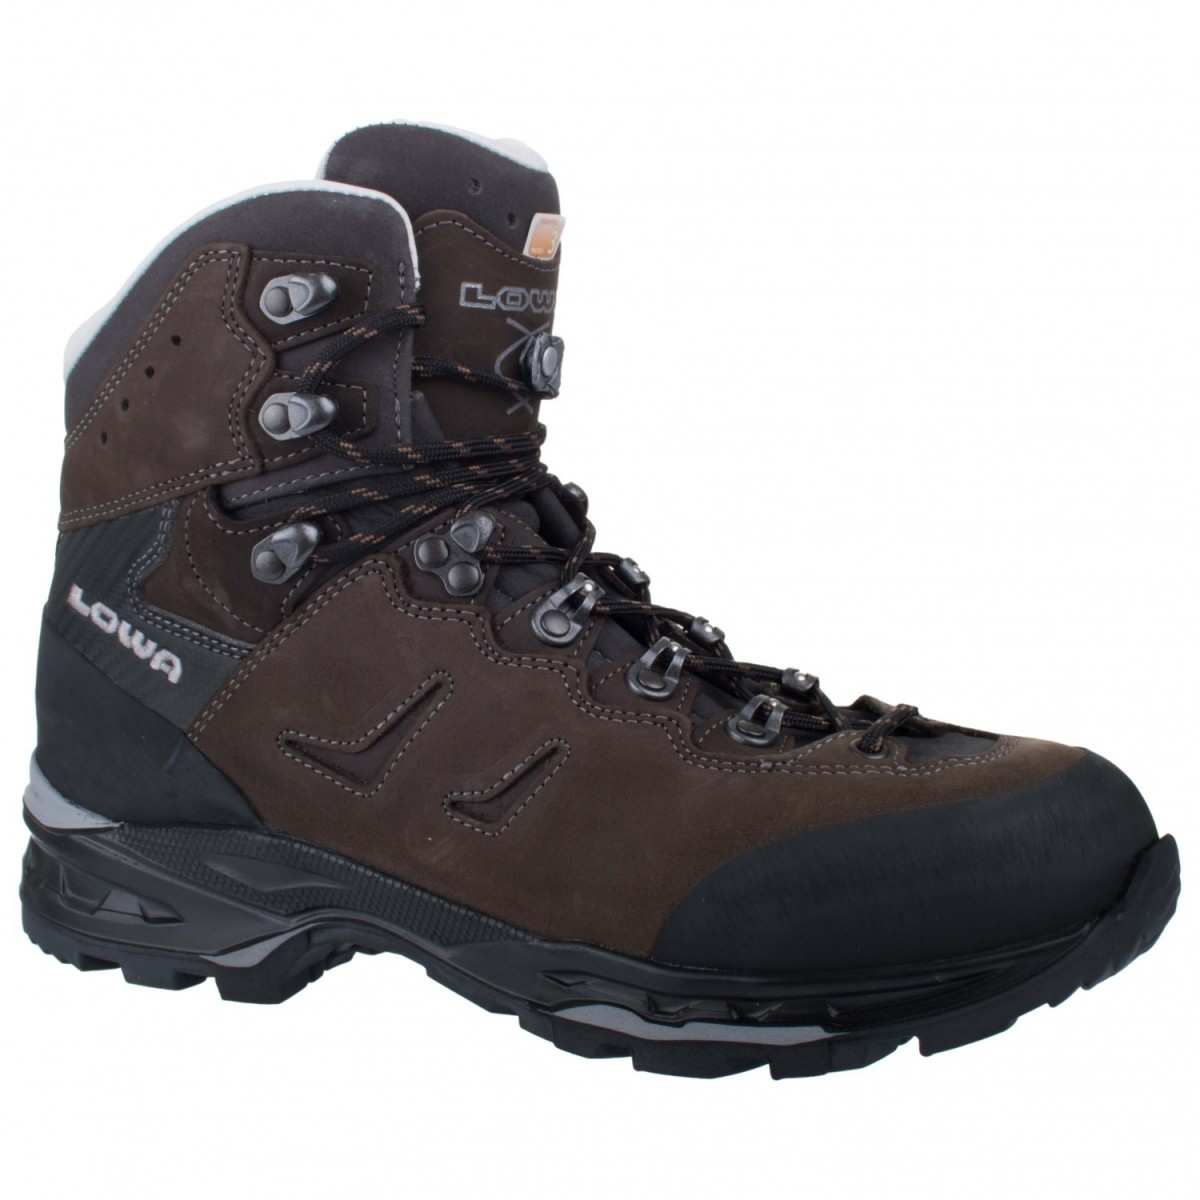 ローバー Camino LL ( Darkgray / Black ) ★ 登山靴 ・ 靴 ・ 登山 ・ アウトドアシューズ ・ 山歩き ★